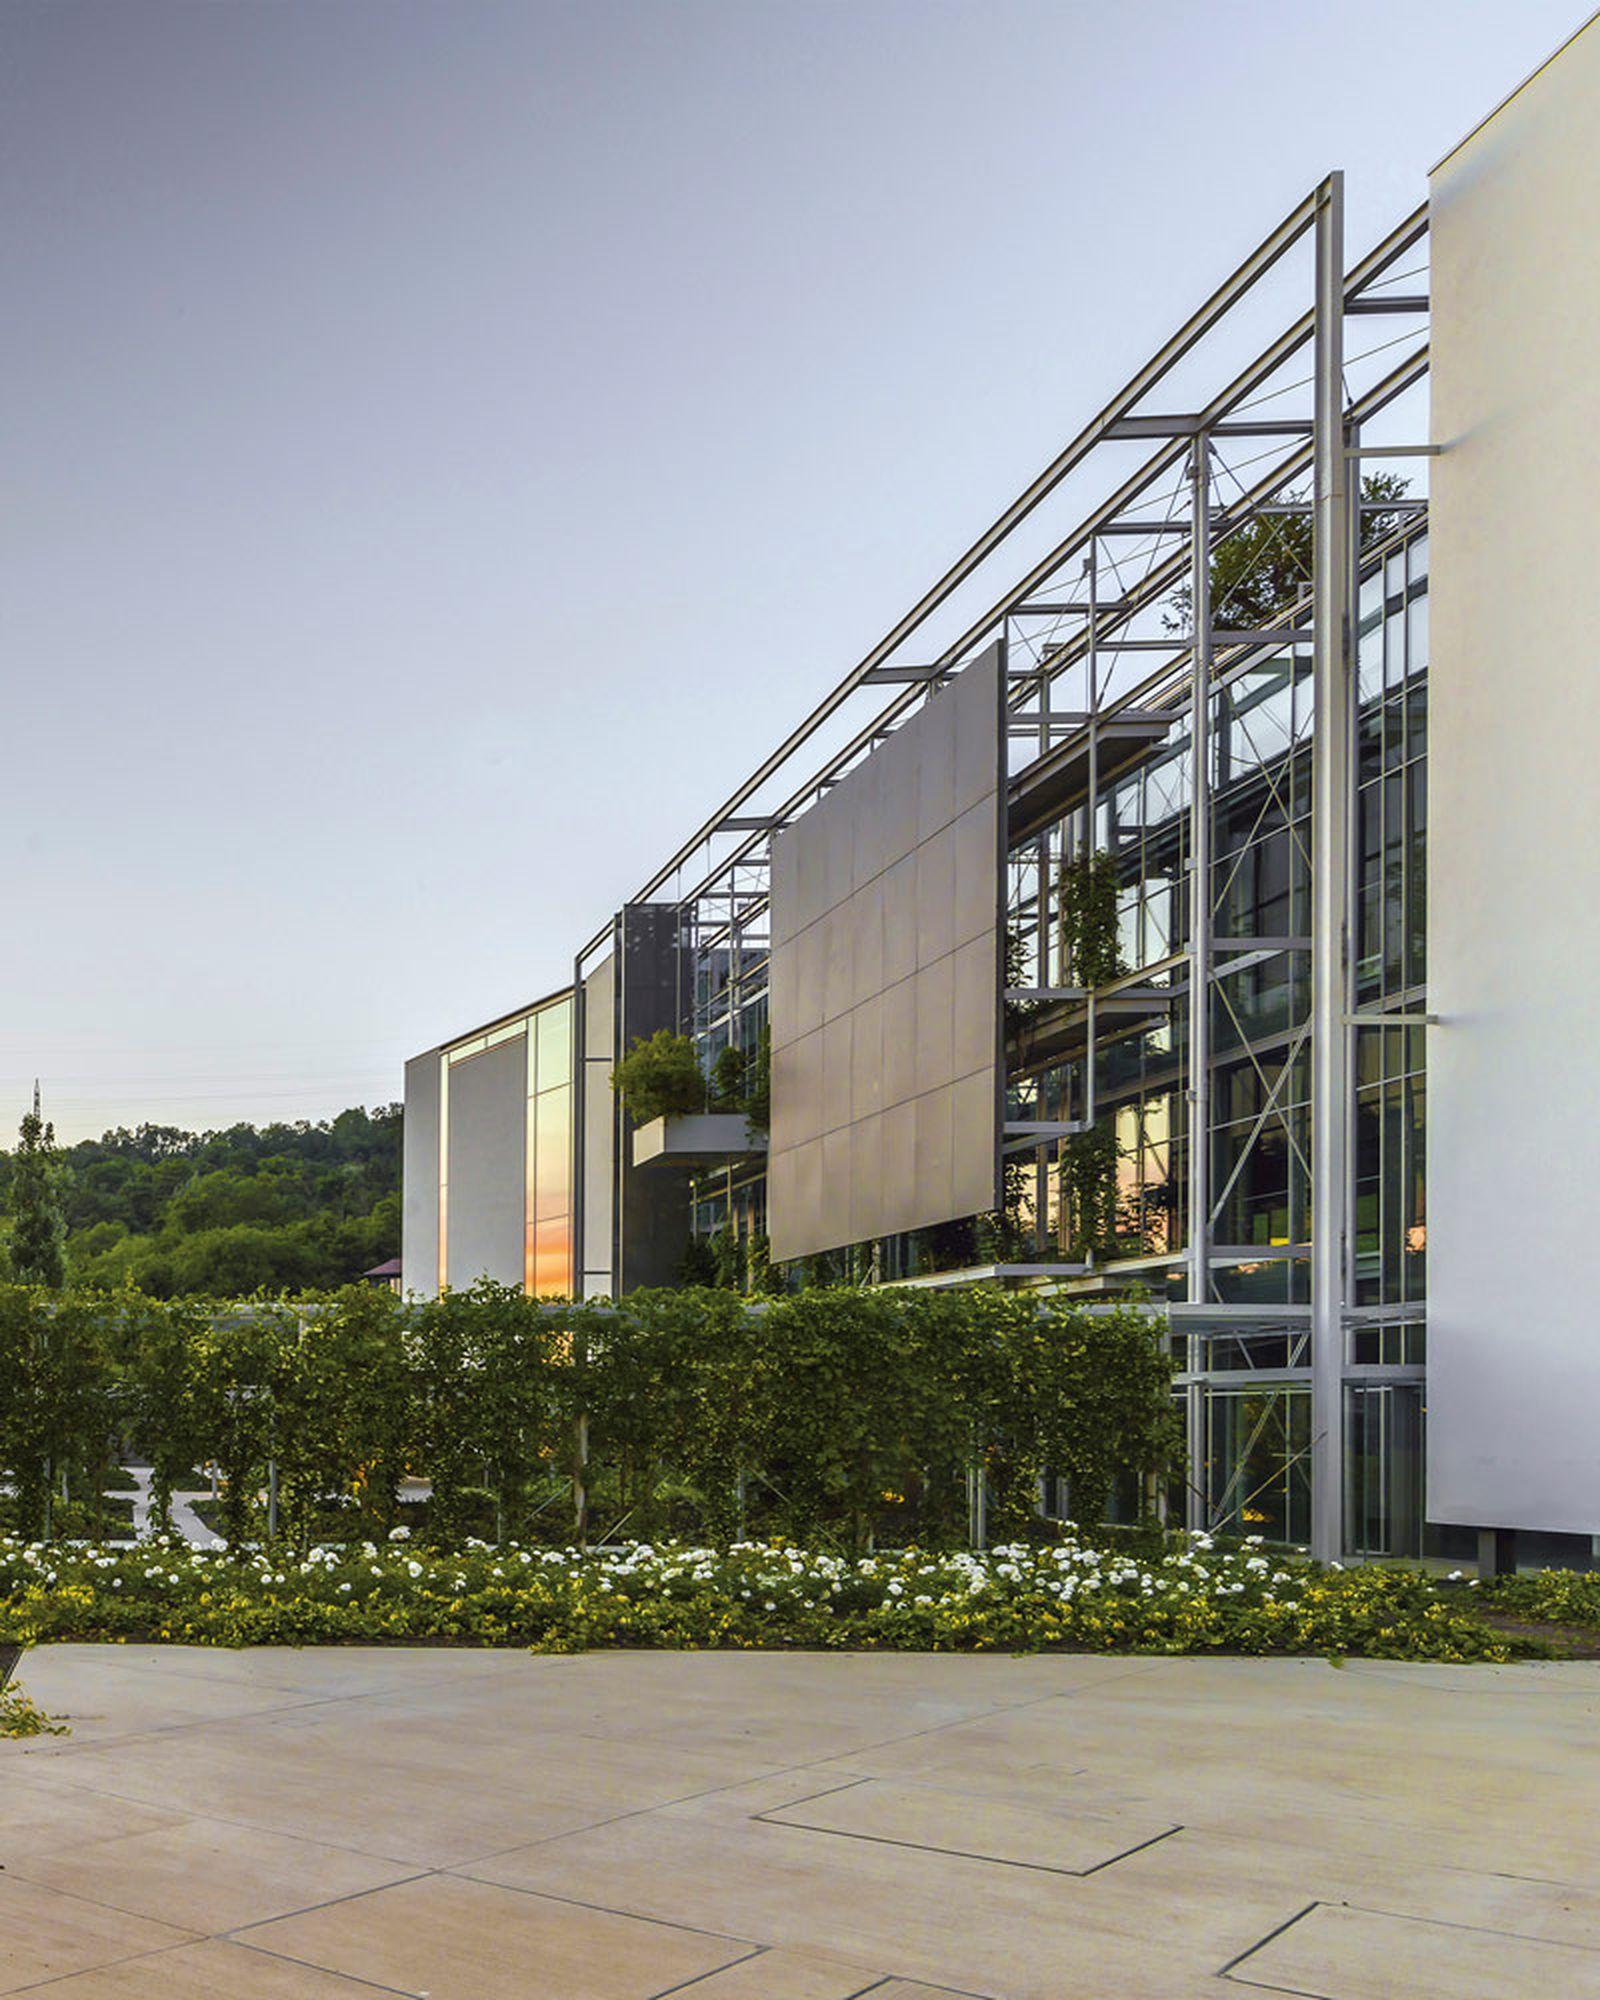 prada-hq-garden-factory-valvigna-11